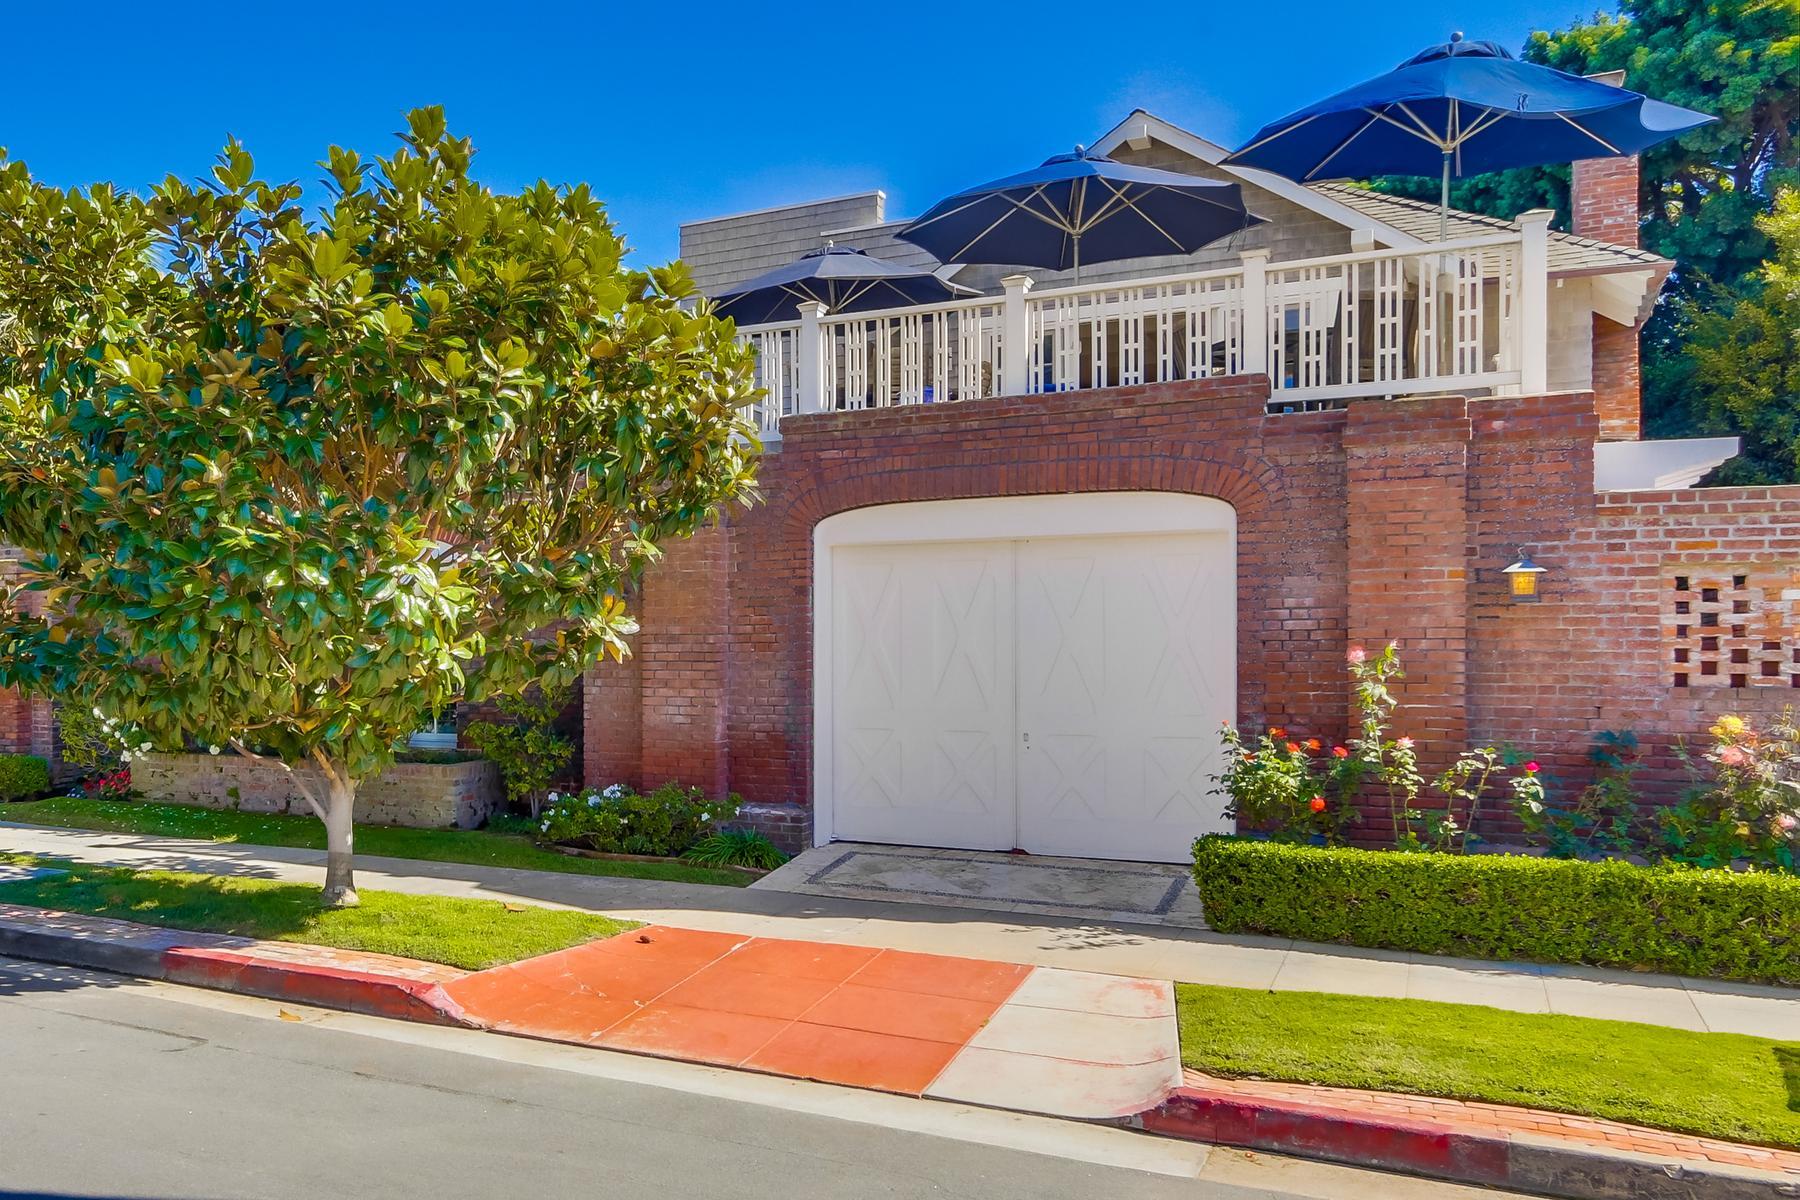 Single Family Home for Sale at 1030 Loma Avenue Coronado, California 92118 United States